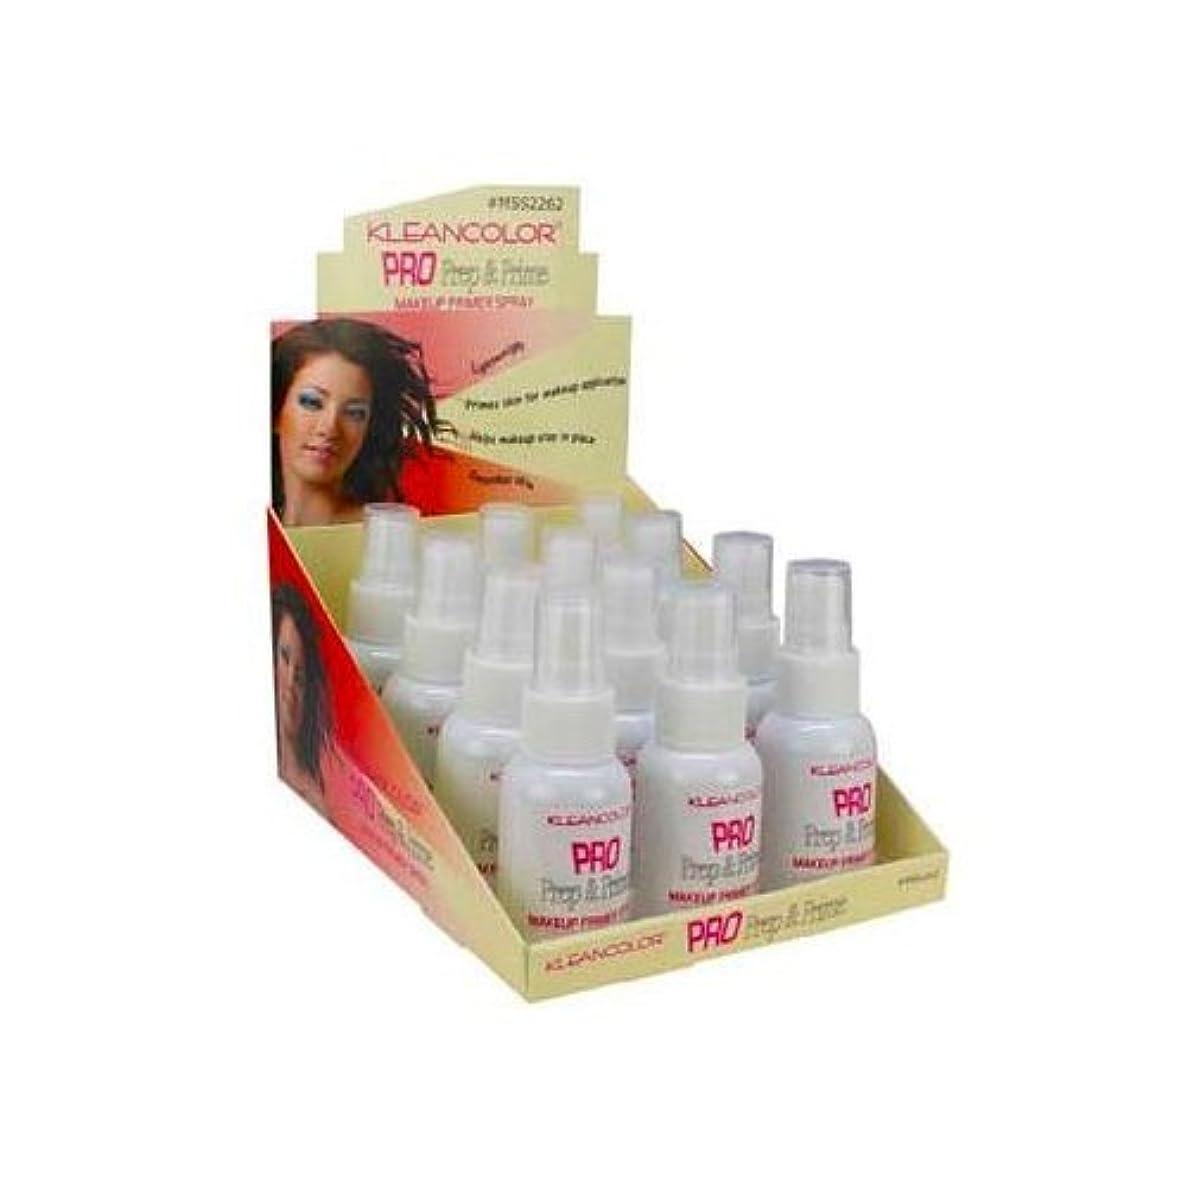 土地踏み台廊下KLEANCOLOR Pro Prep and Prime - Makeup Primer Spray (並行輸入品)